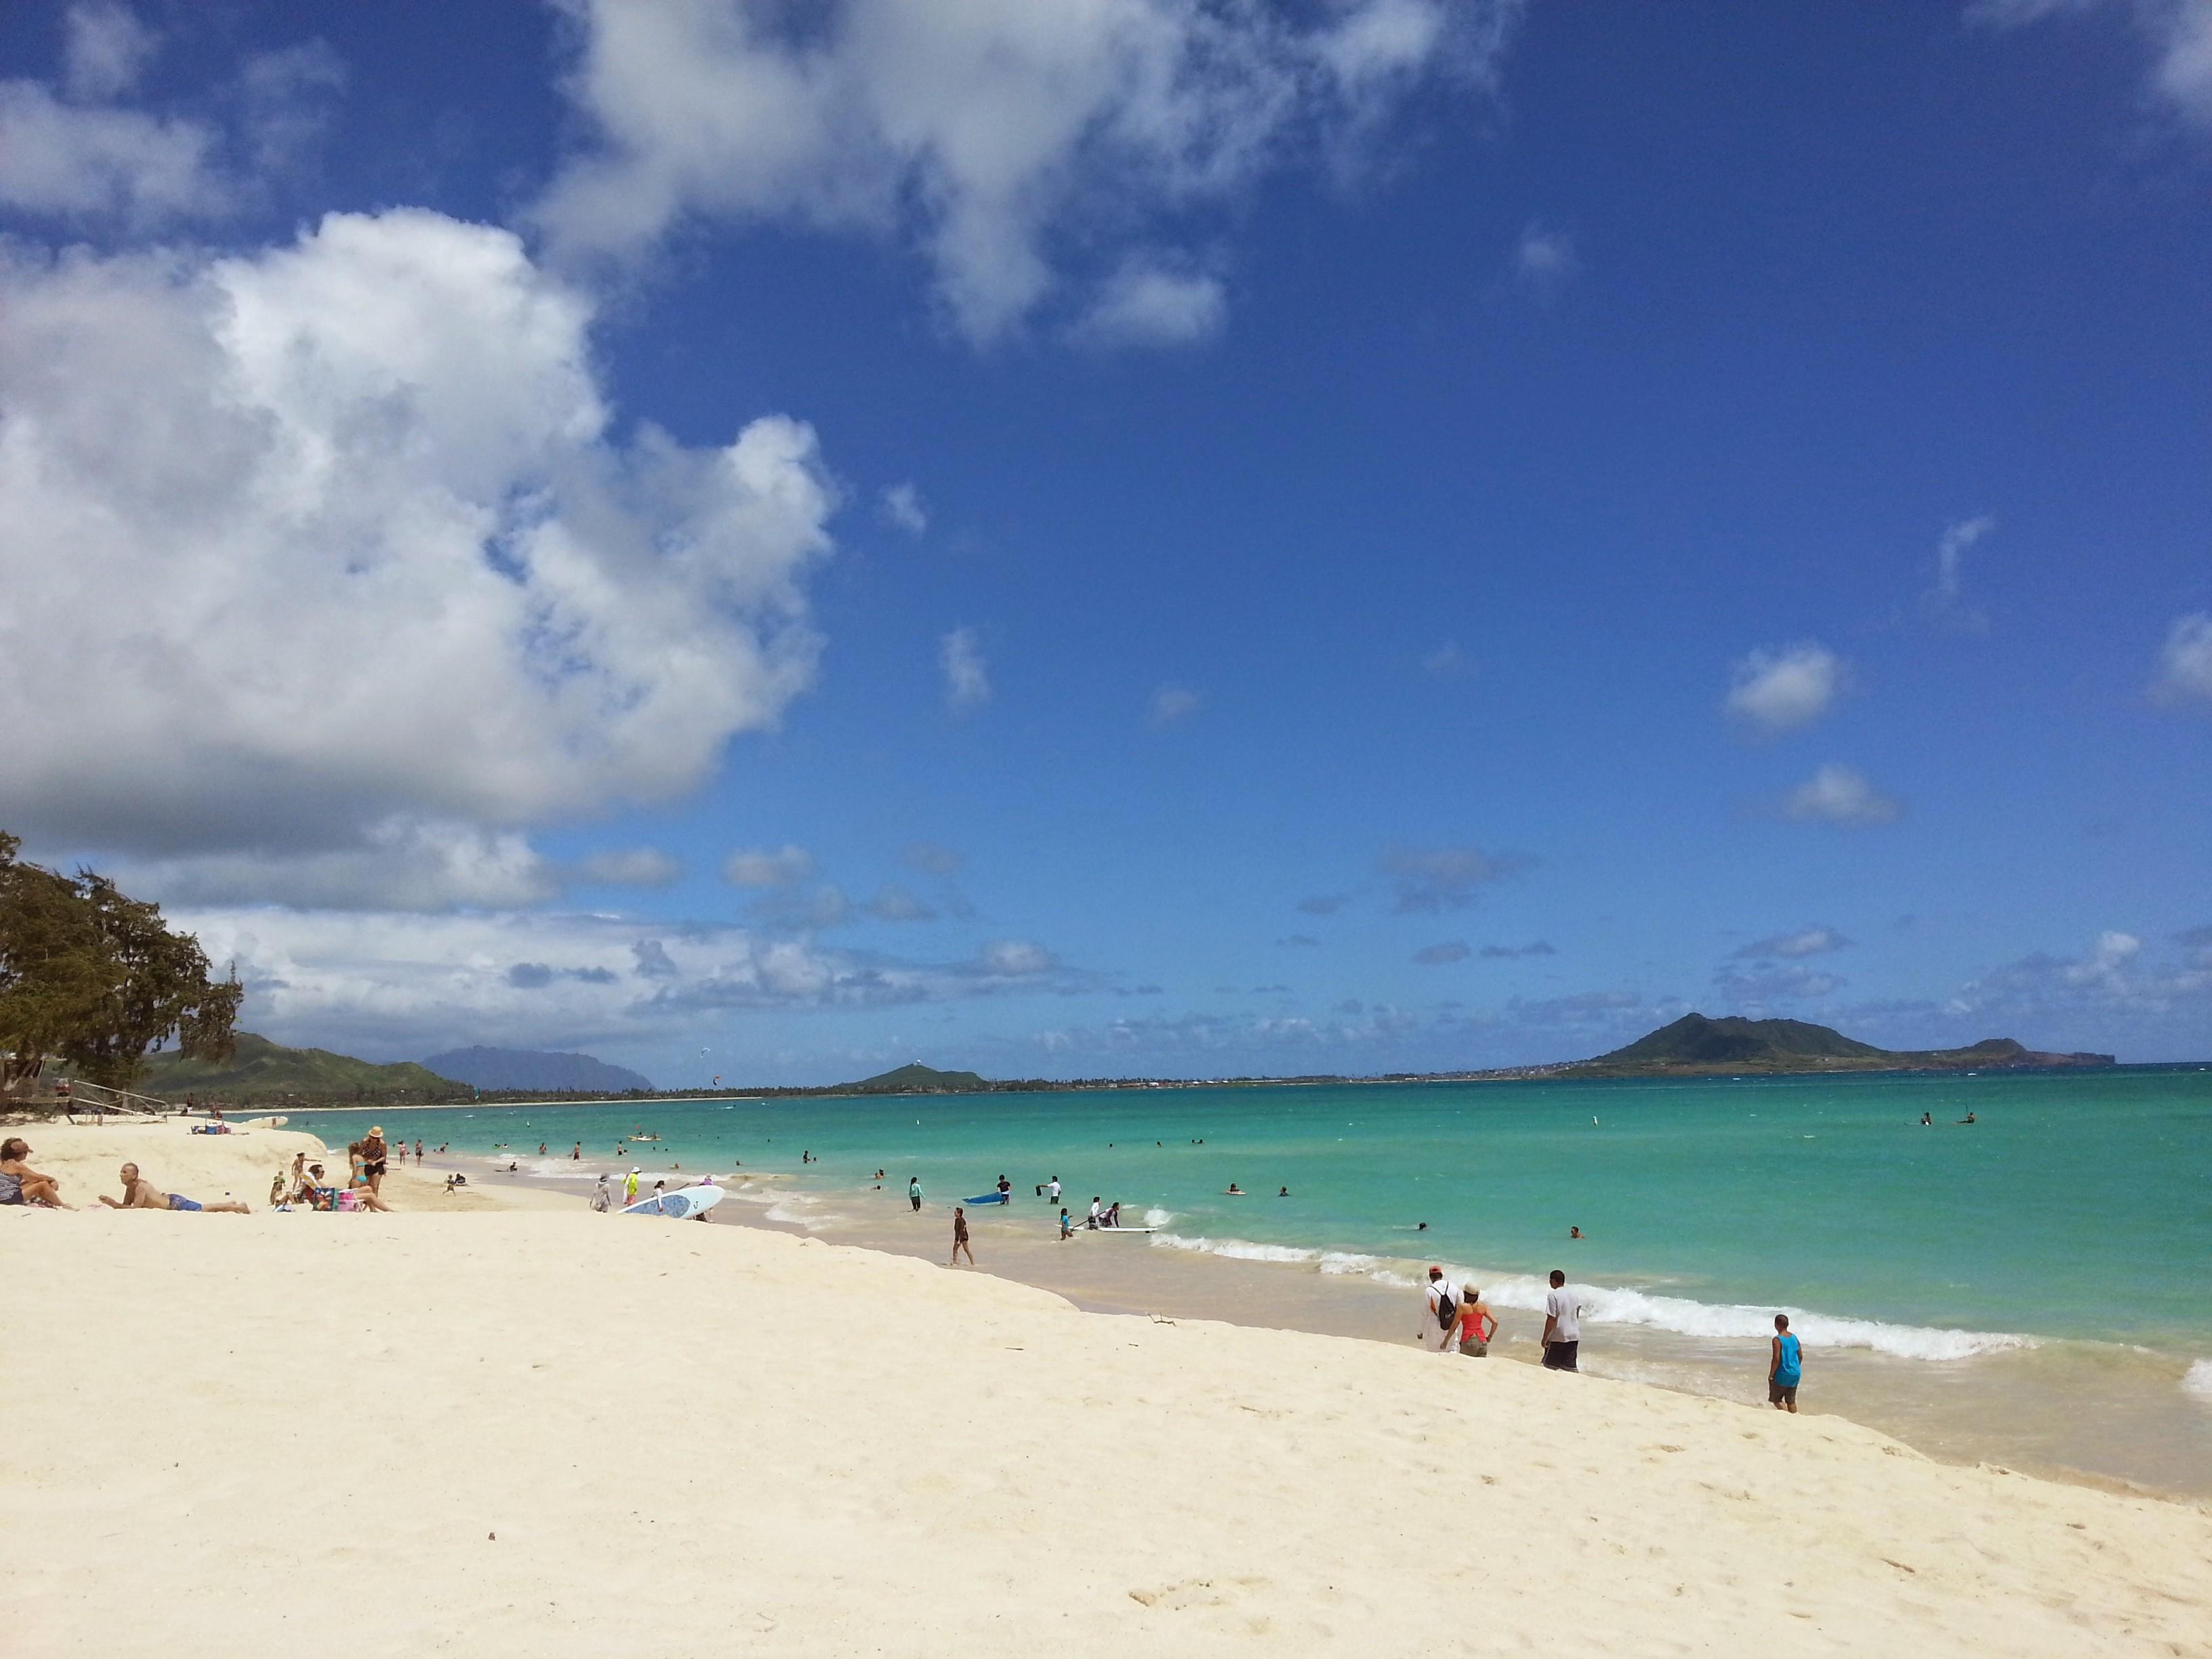 夏のハワイ往復特典航空券は10か月前でも空席待ち、早めの予約を!